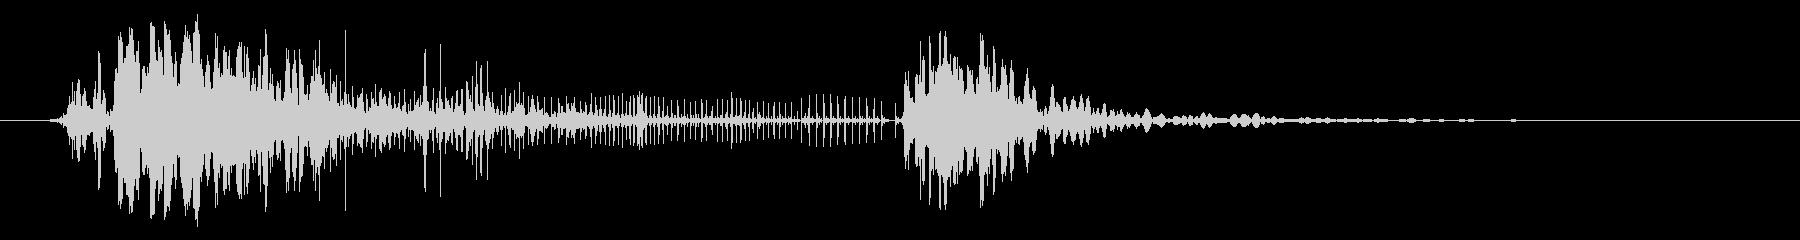 ハードウッドの衝撃とスプリンター、...の未再生の波形